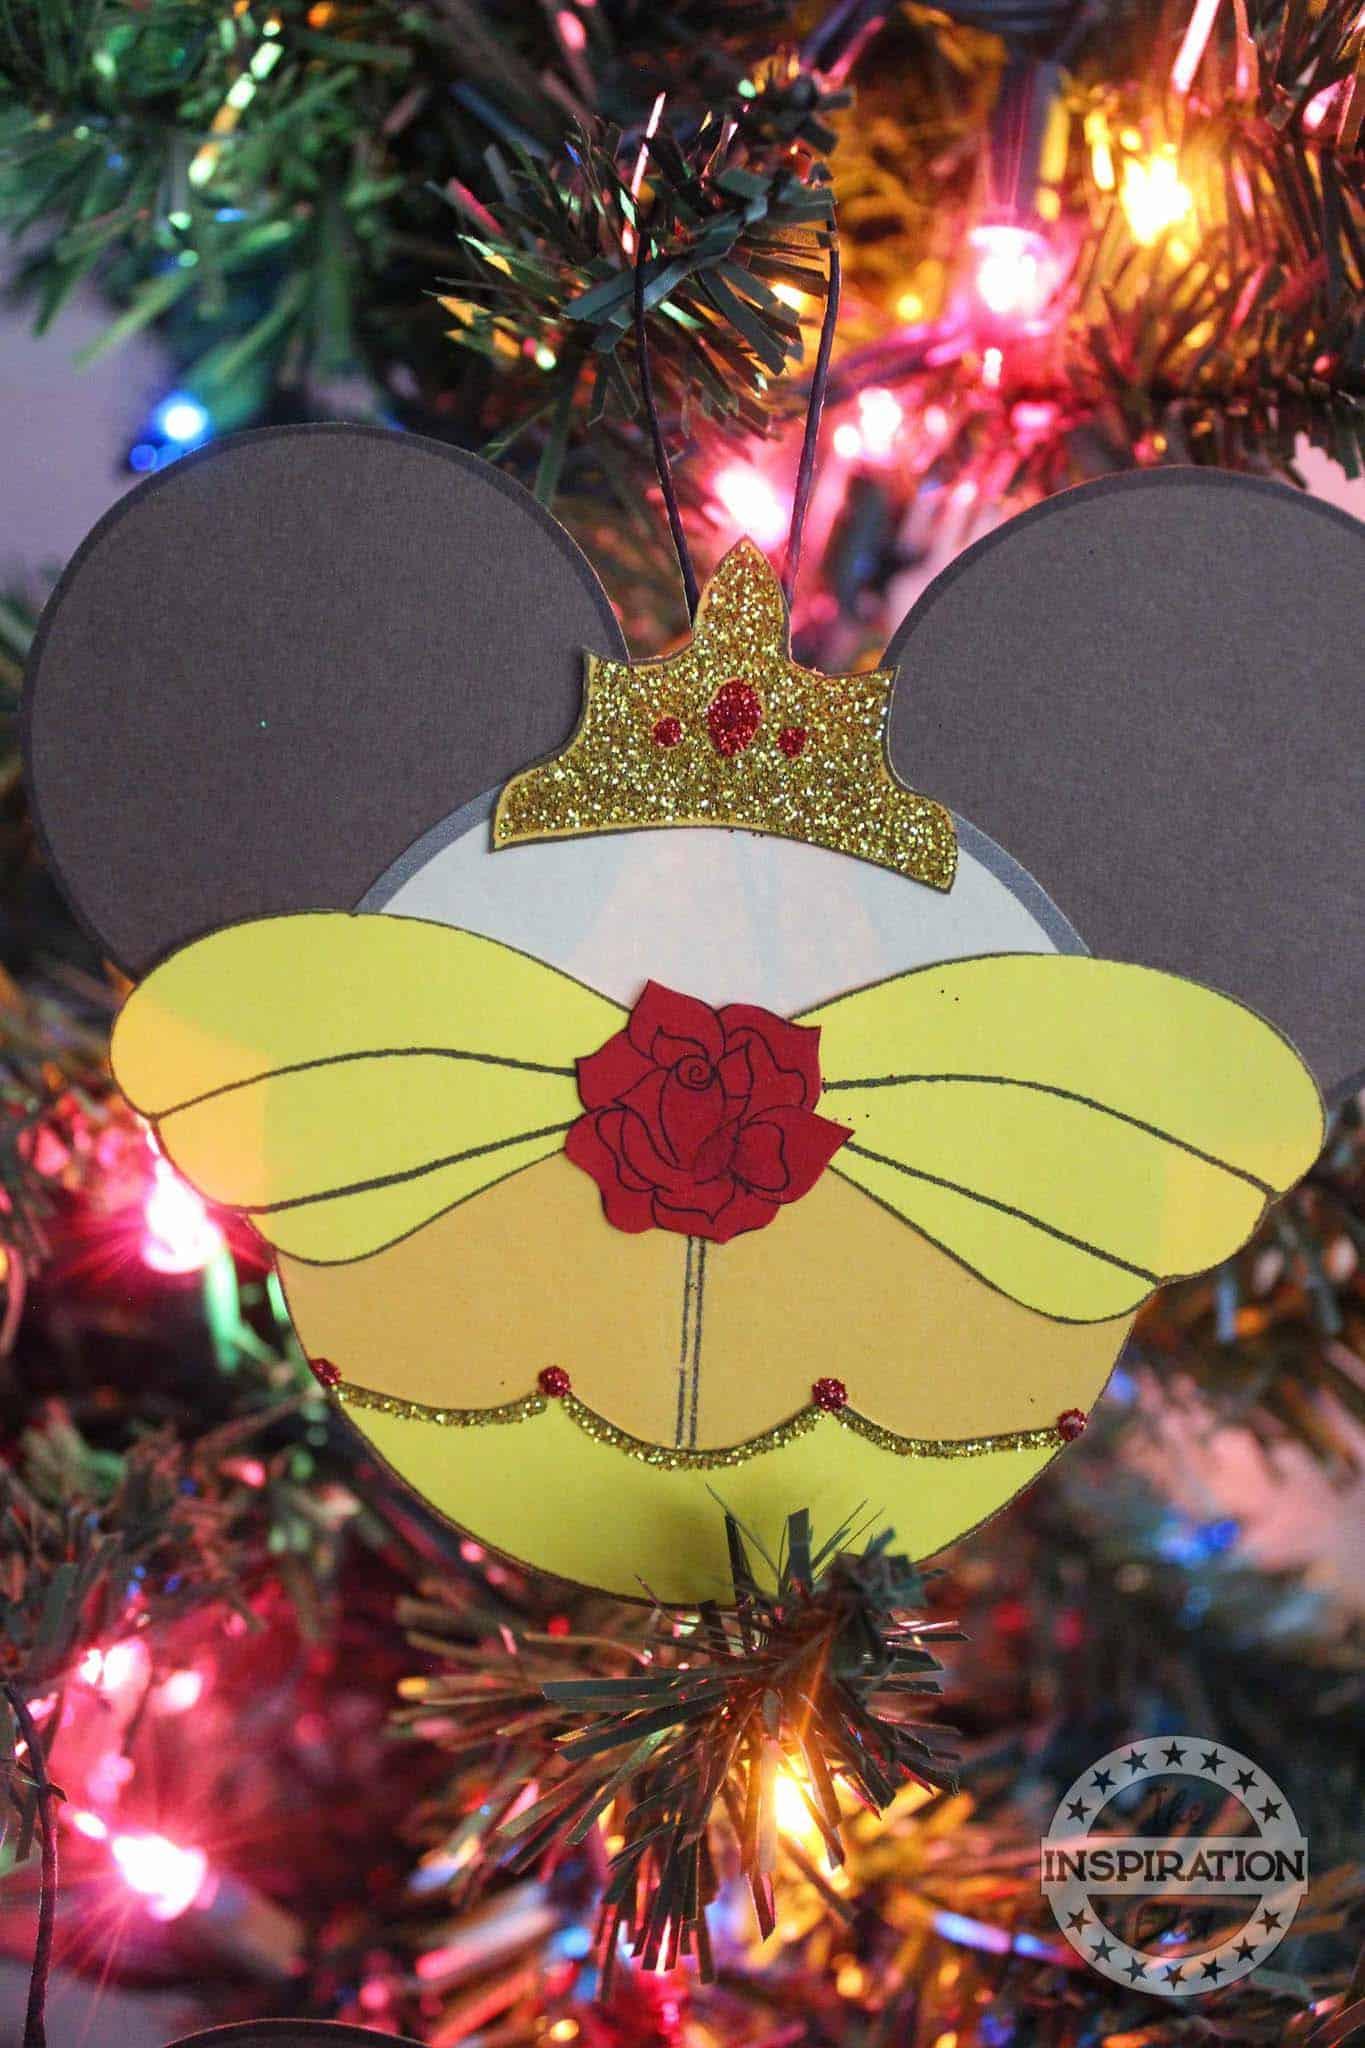 belle mickey ears ornament